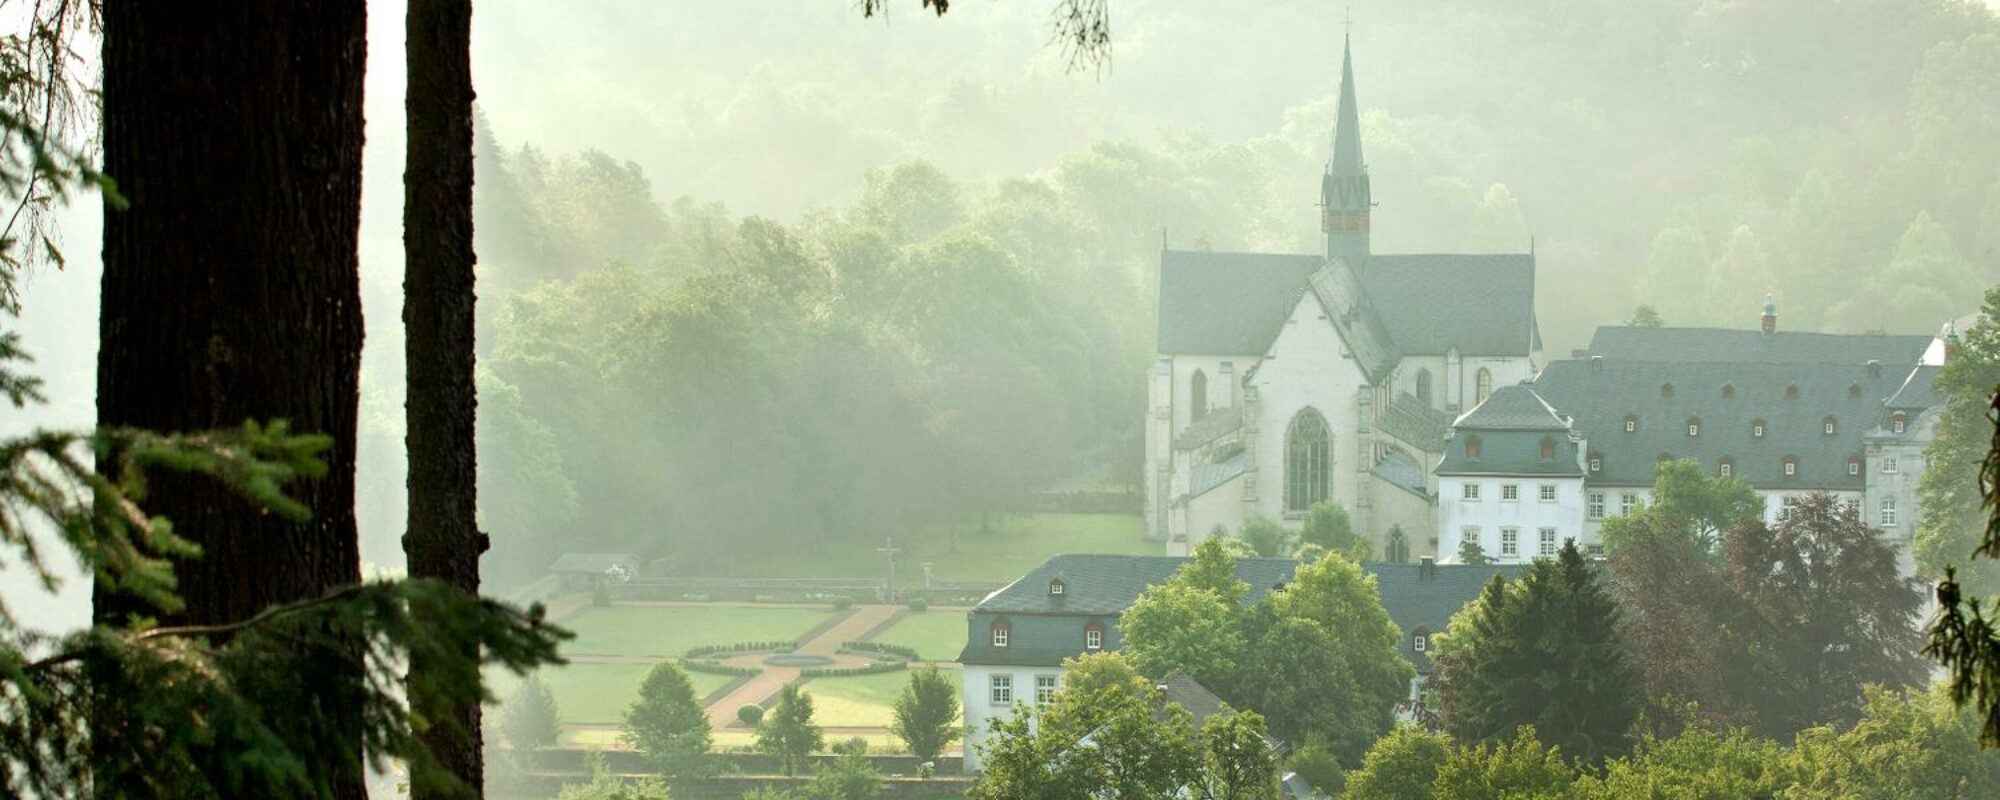 Blick durch grüne Pflanzen auf Kloster im Nebel